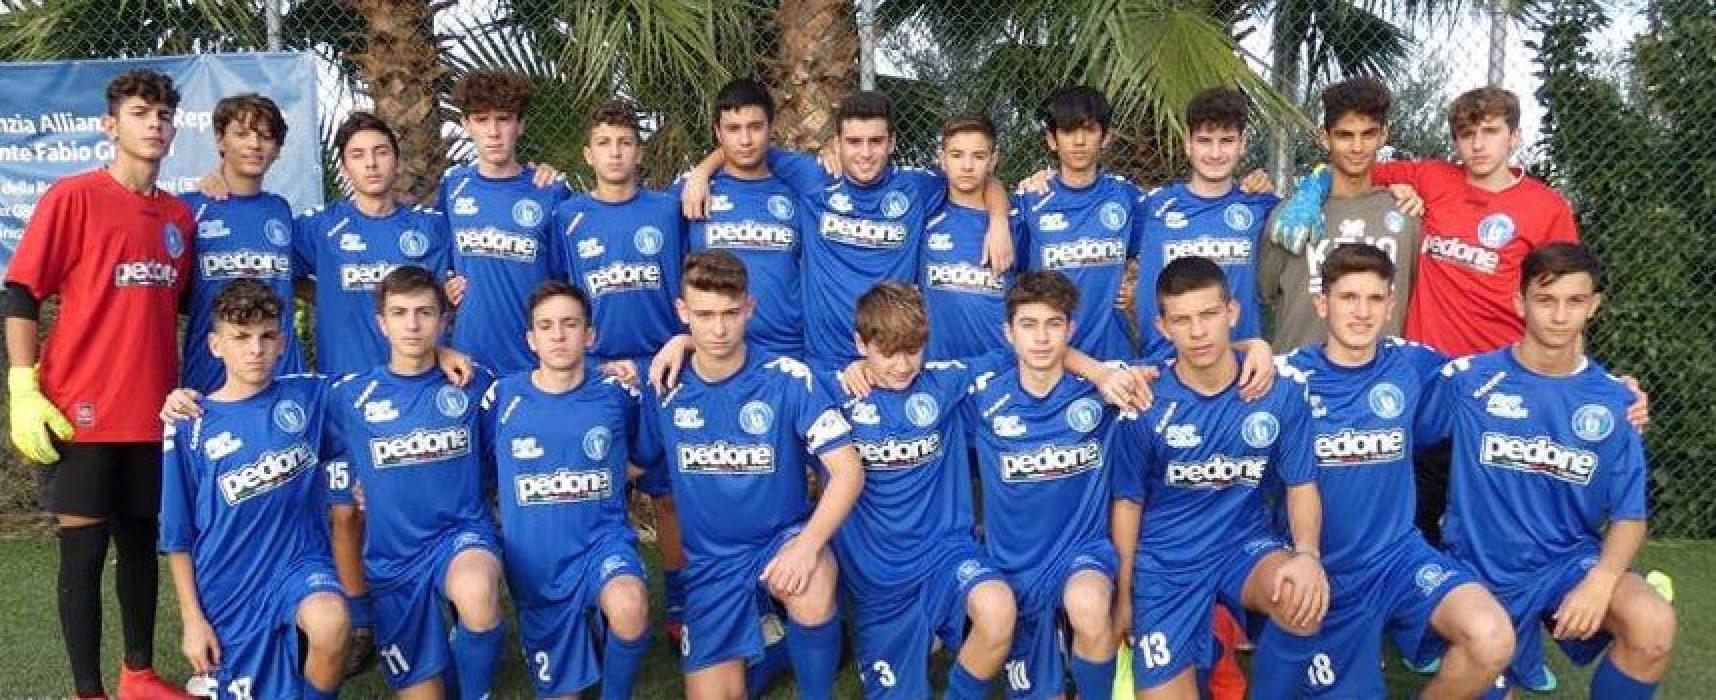 Unione Calcio Bisceglie, prestigiosa amichevole per l'Under 17 contro i pari età dell'Udinese